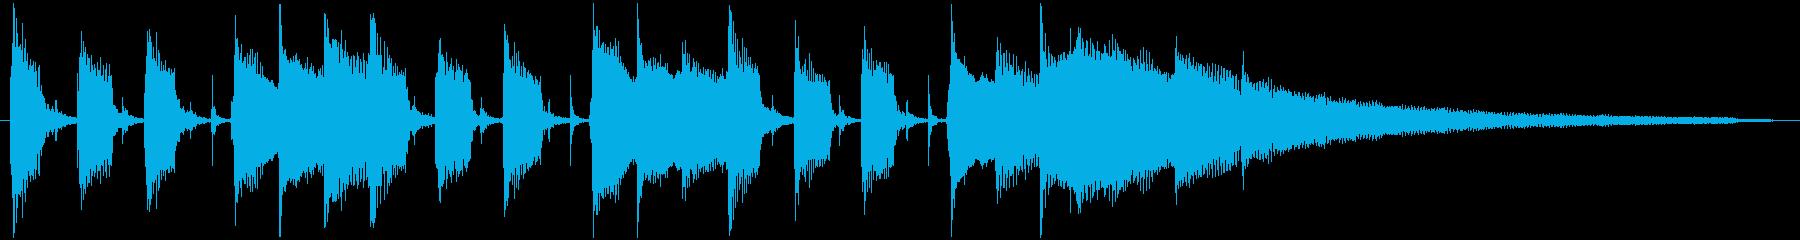 CM向け・明るいアコースティックギターの再生済みの波形